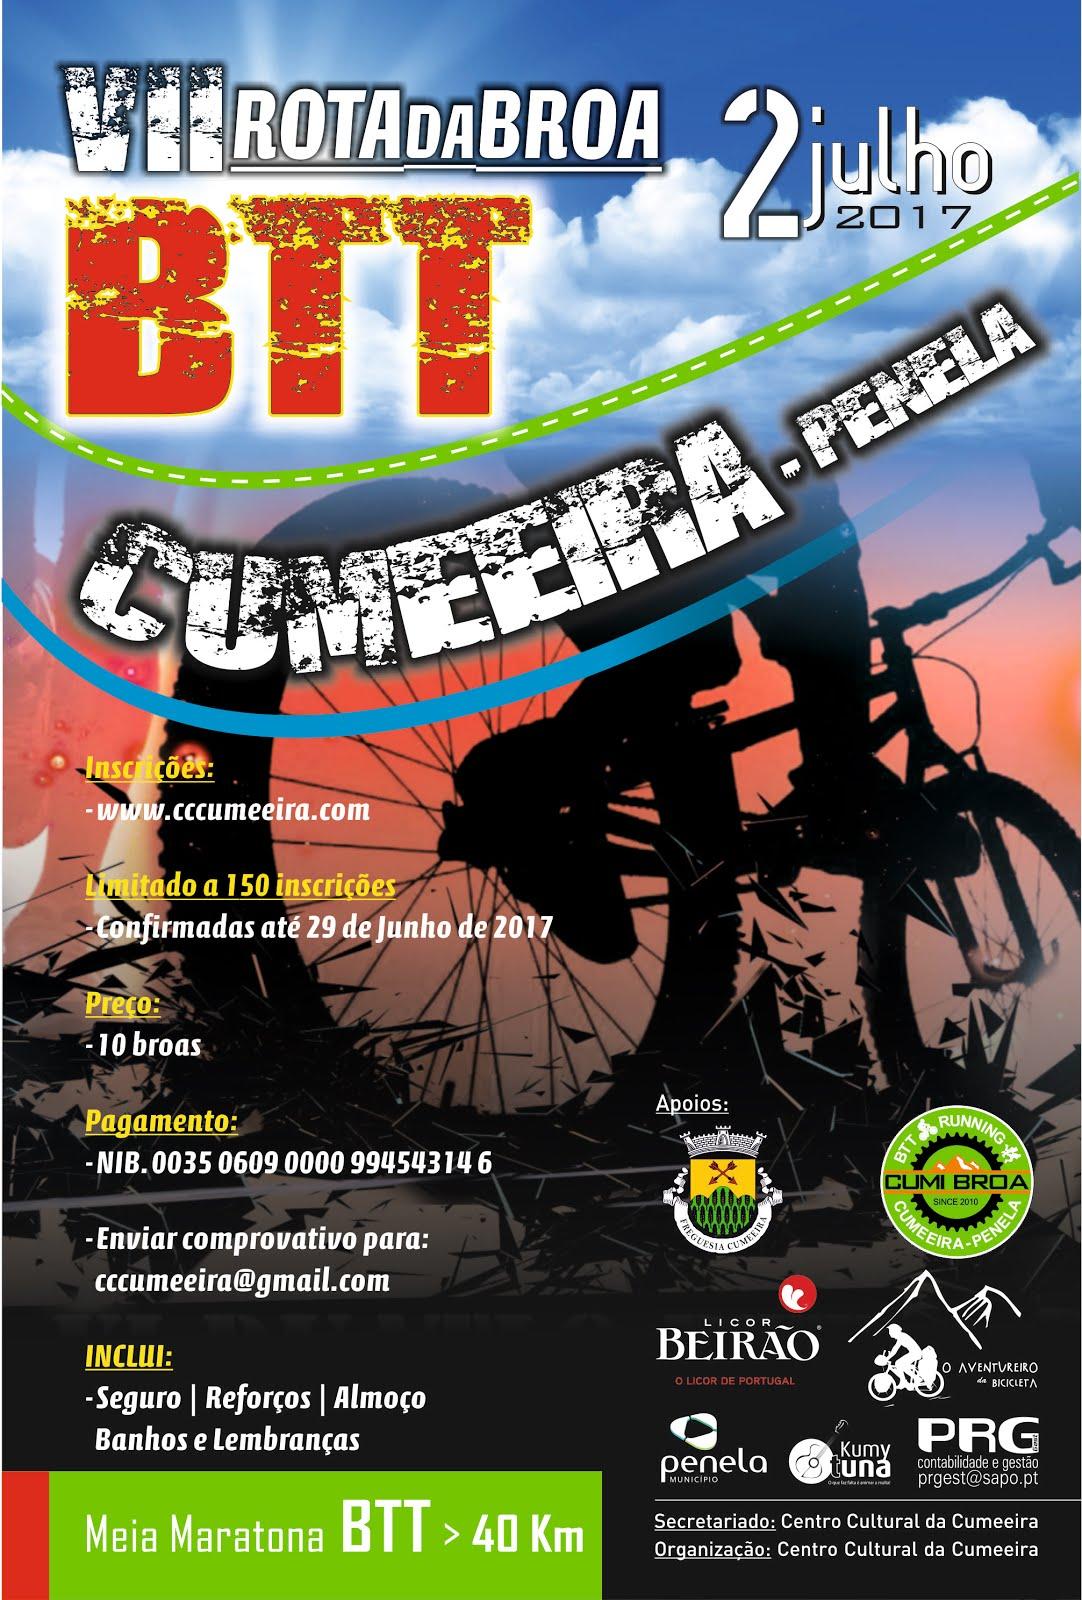 02JUL * CUMEEIRA - PENELA